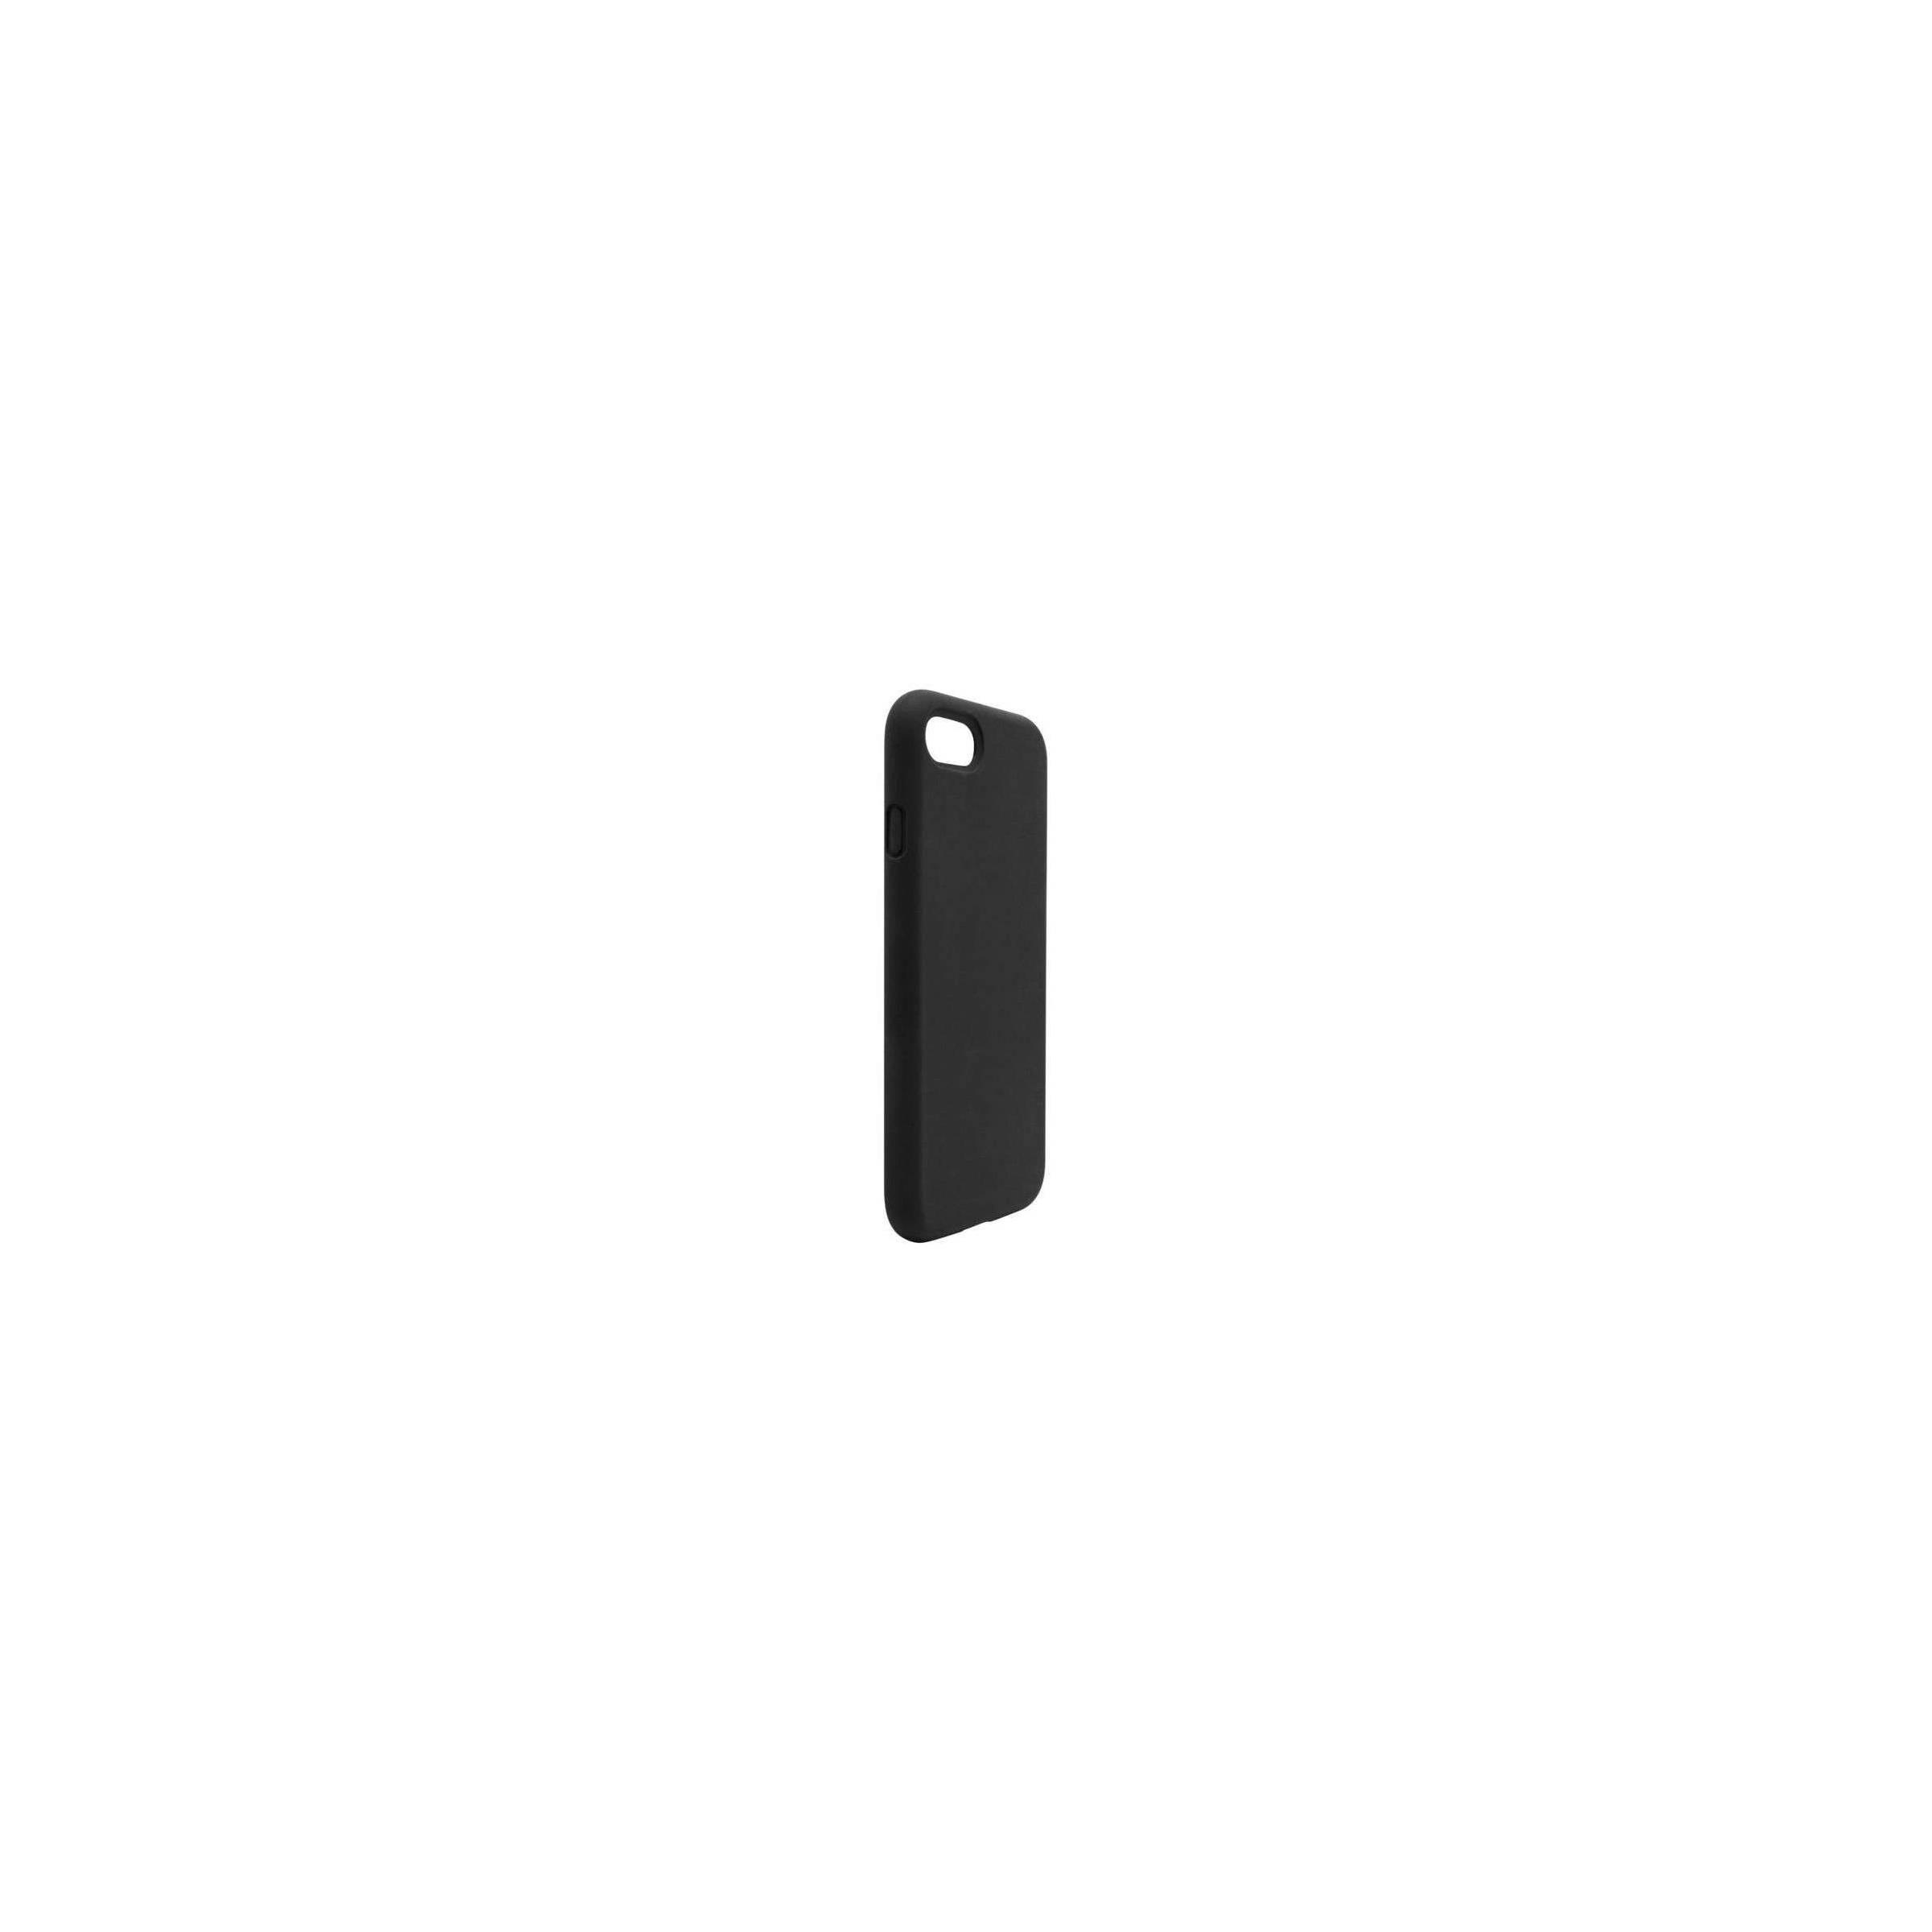 aiino – Aiino - strongly case cover til iphone 7 & 8 farve sort fra mackabler.dk